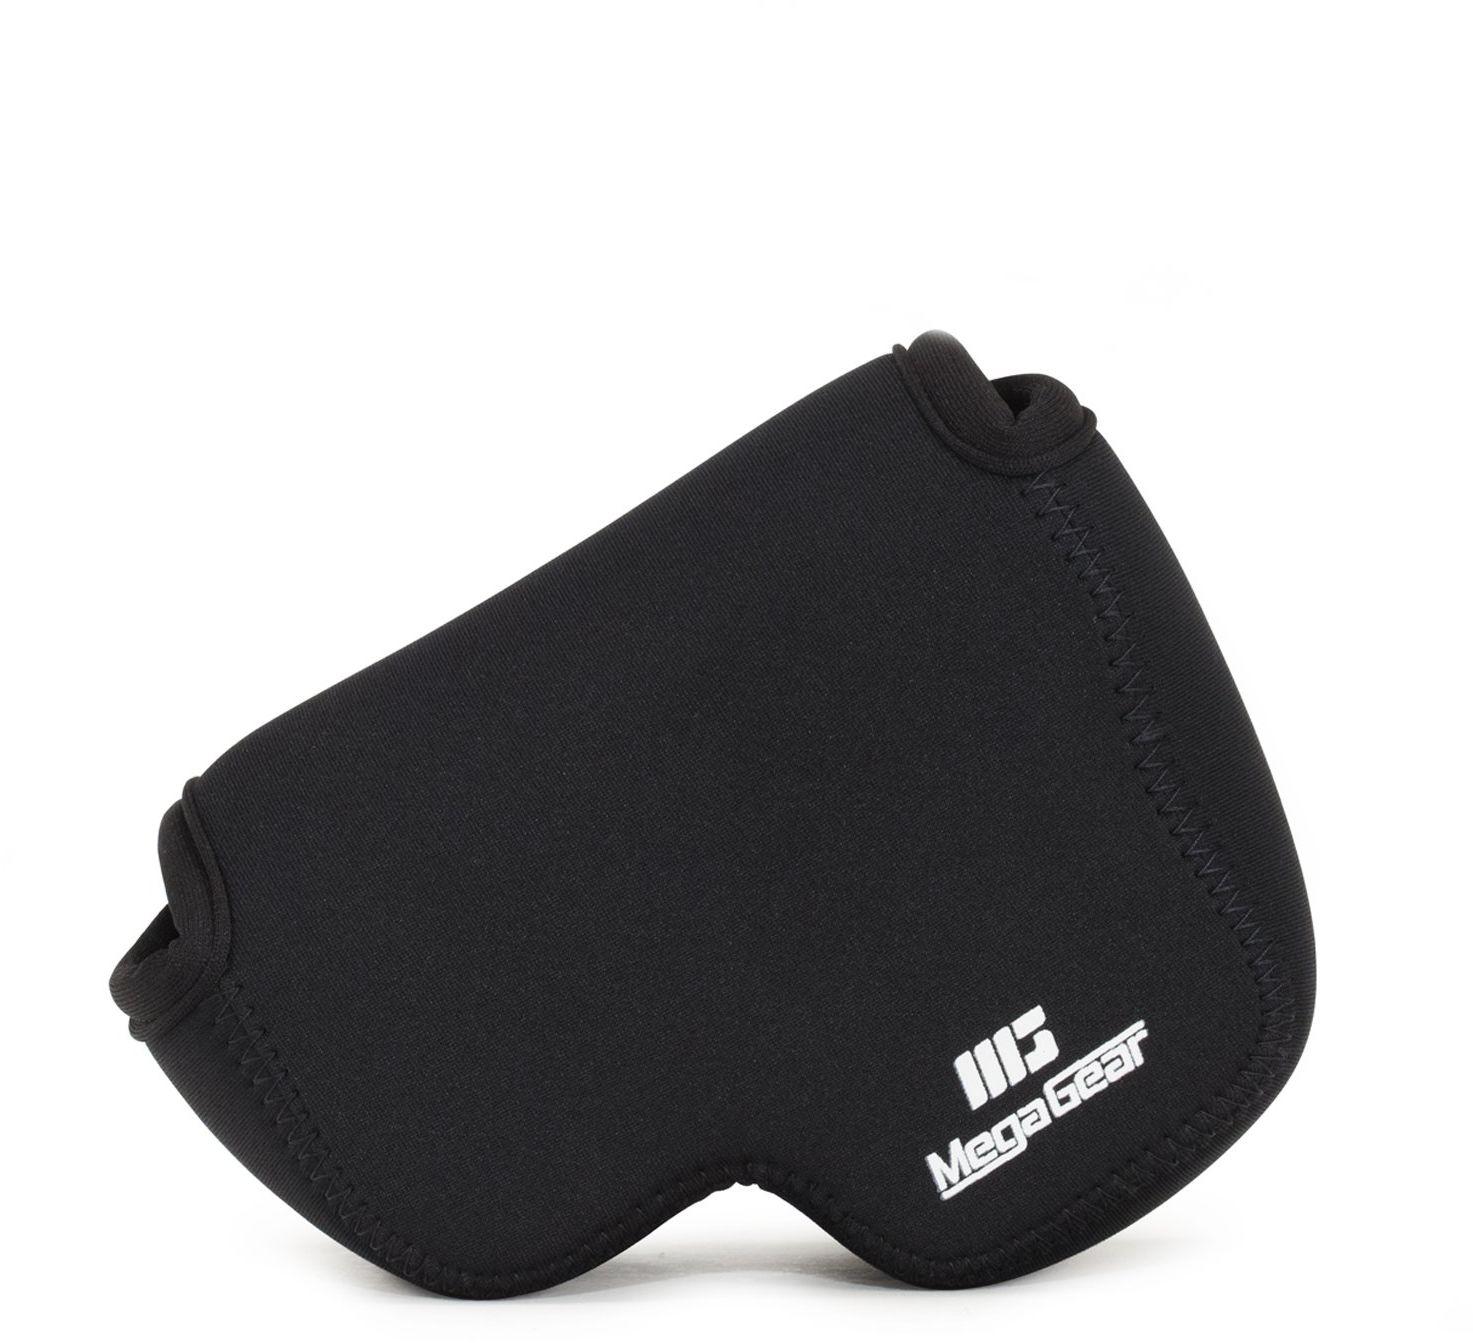 MegaGear ''Ultra Light'' neoprenowa torba na aparat z karabińczykiem do aparatu cyfrowego Nikon COOLPIX B500 (czarna)